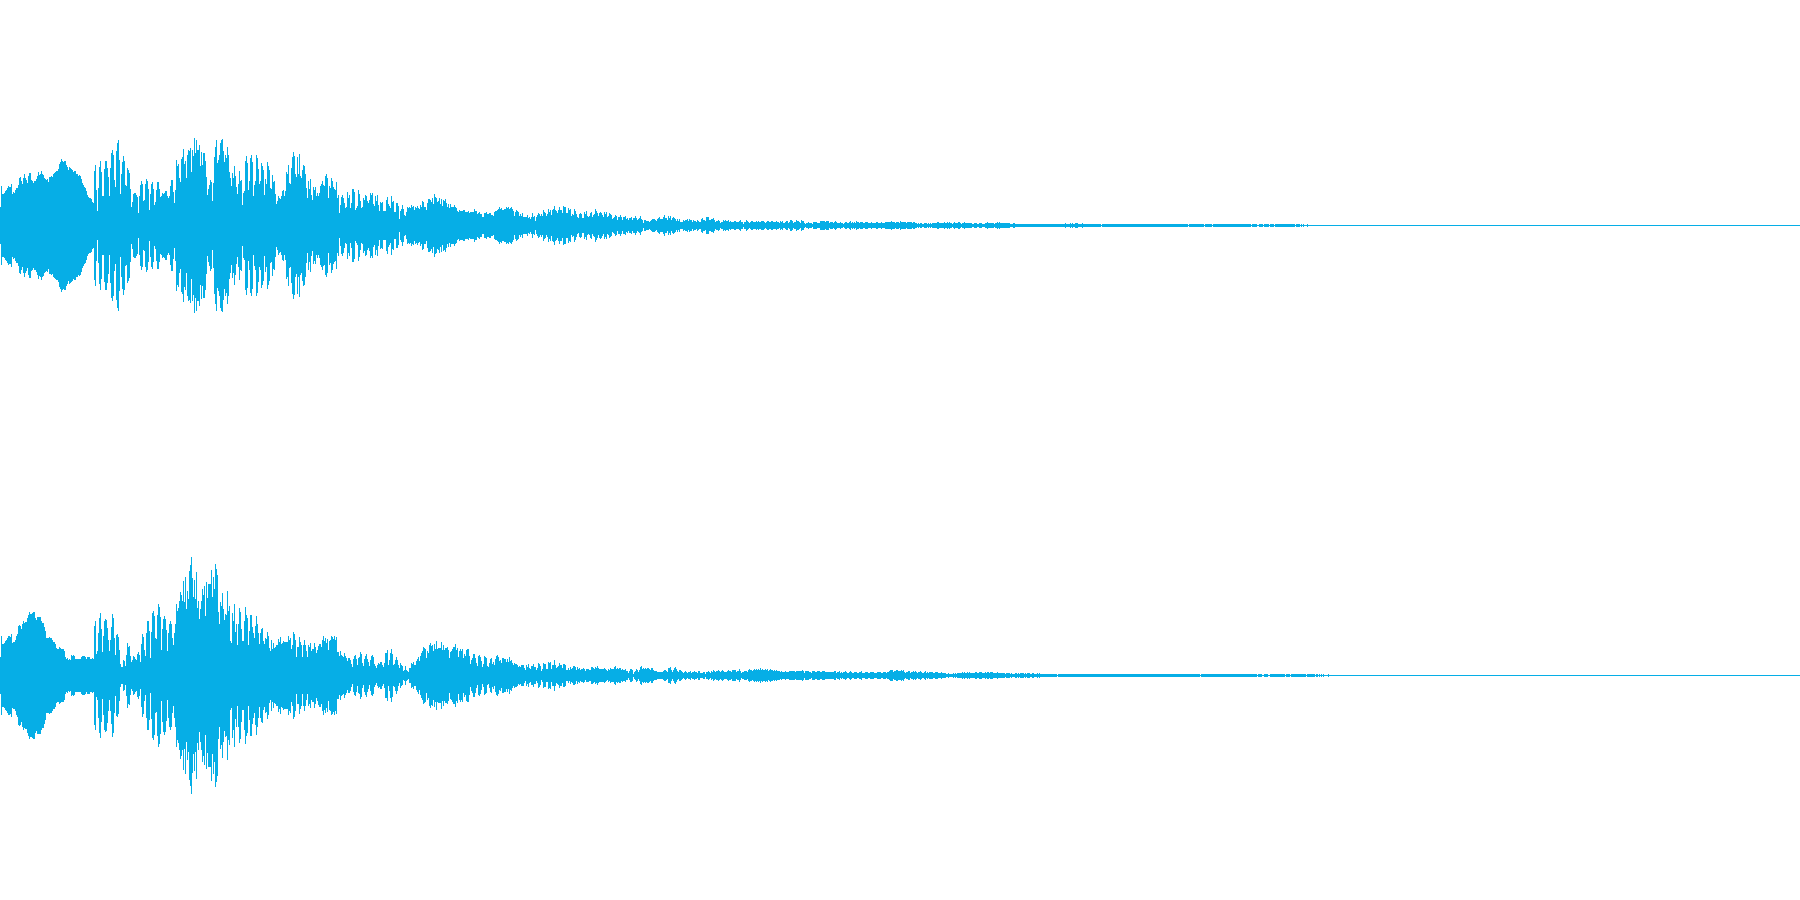 ピロリン(綺麗で透明感のある決定音)の再生済みの波形